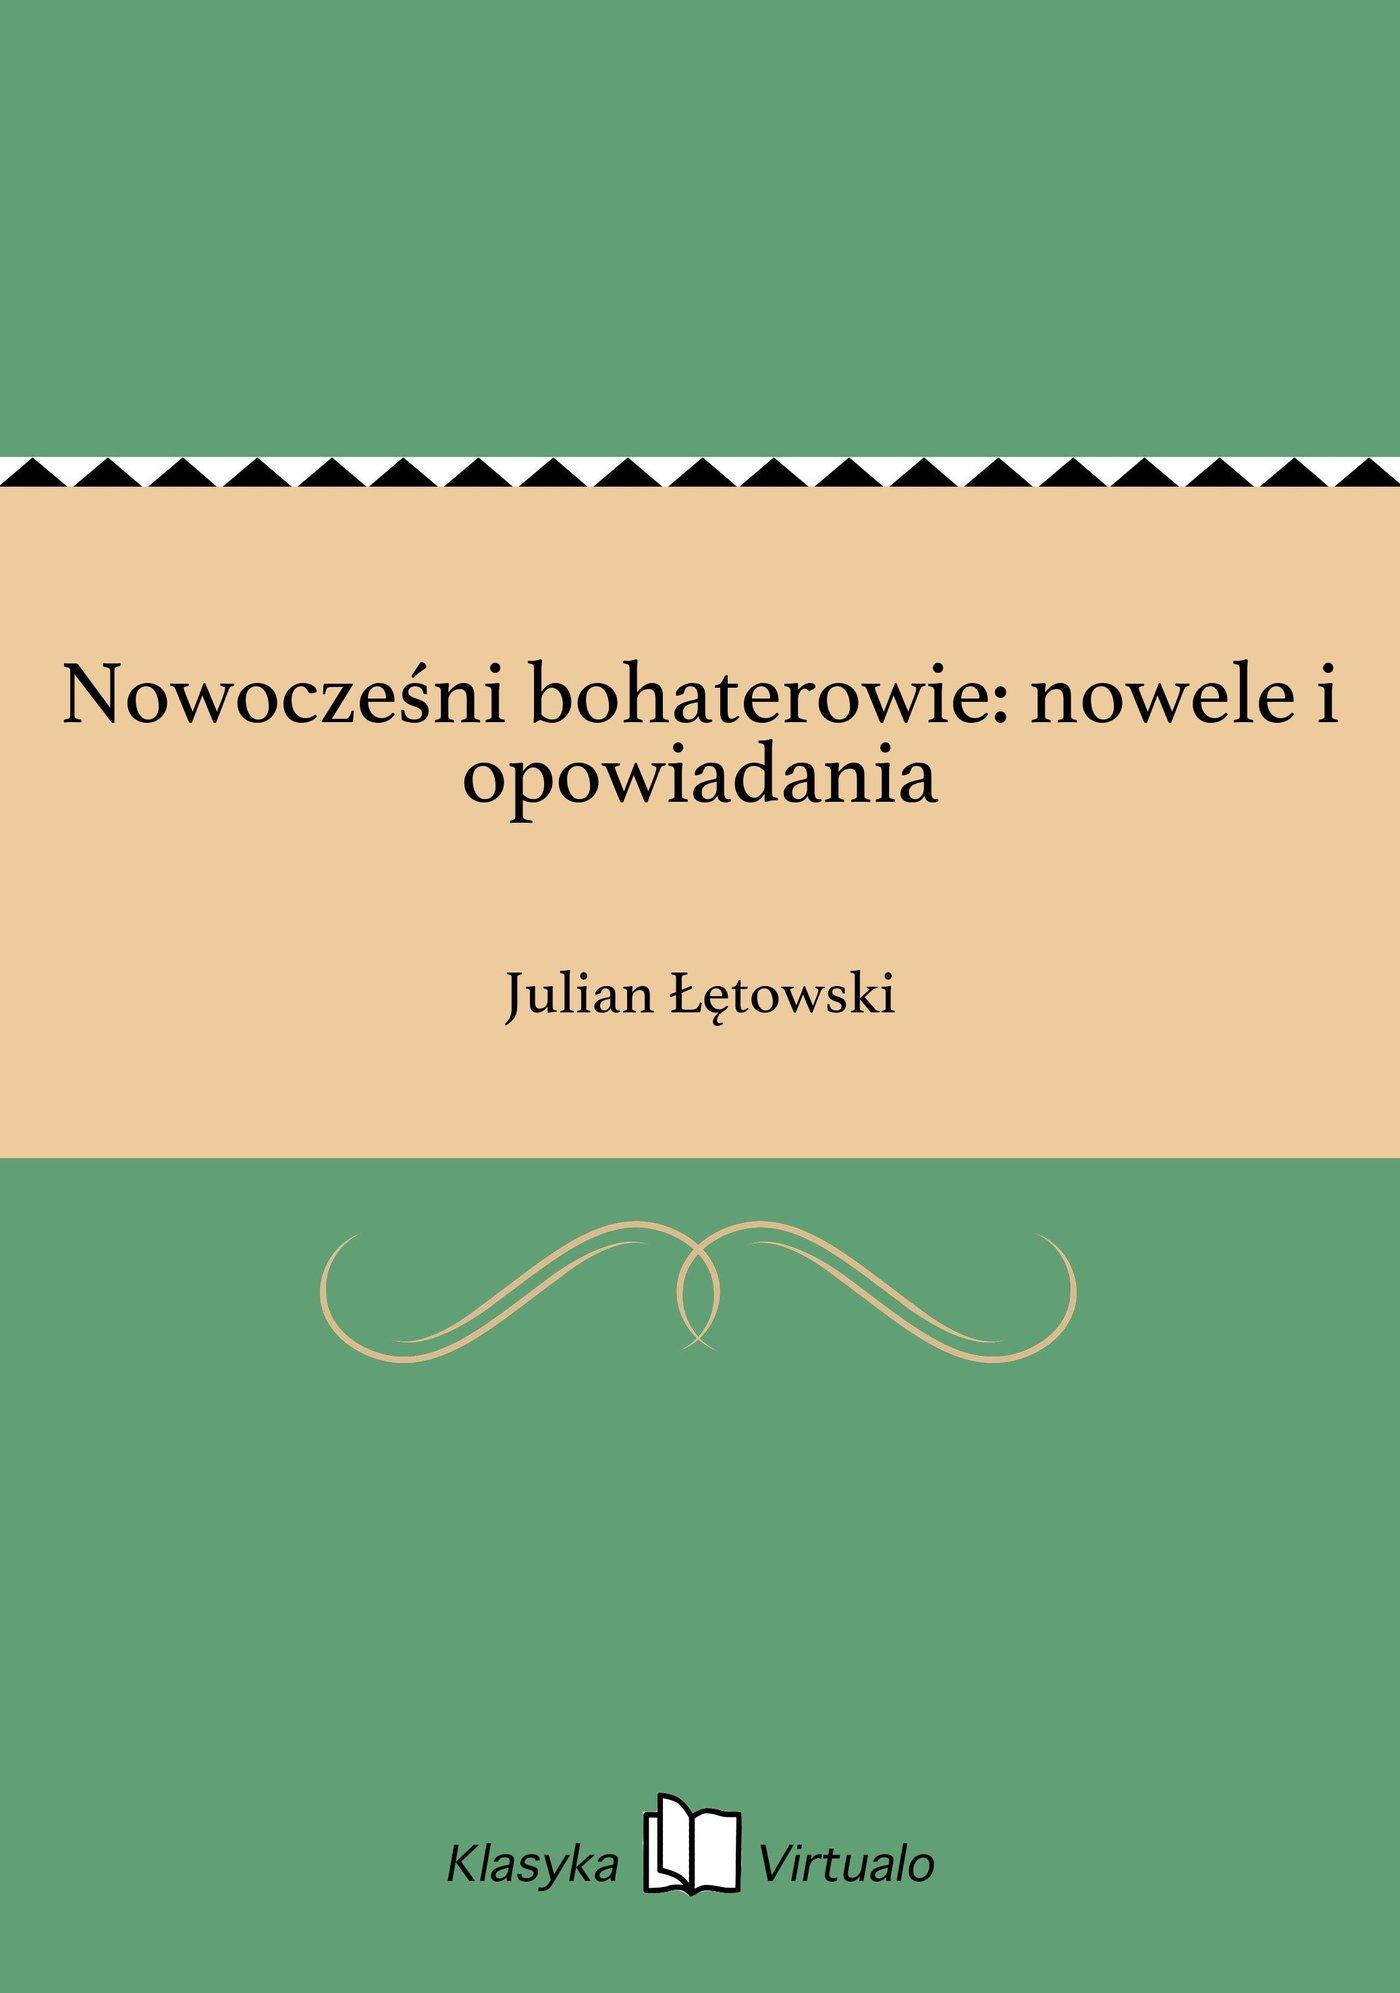 Nowocześni bohaterowie: nowele i opowiadania - Ebook (Książka EPUB) do pobrania w formacie EPUB